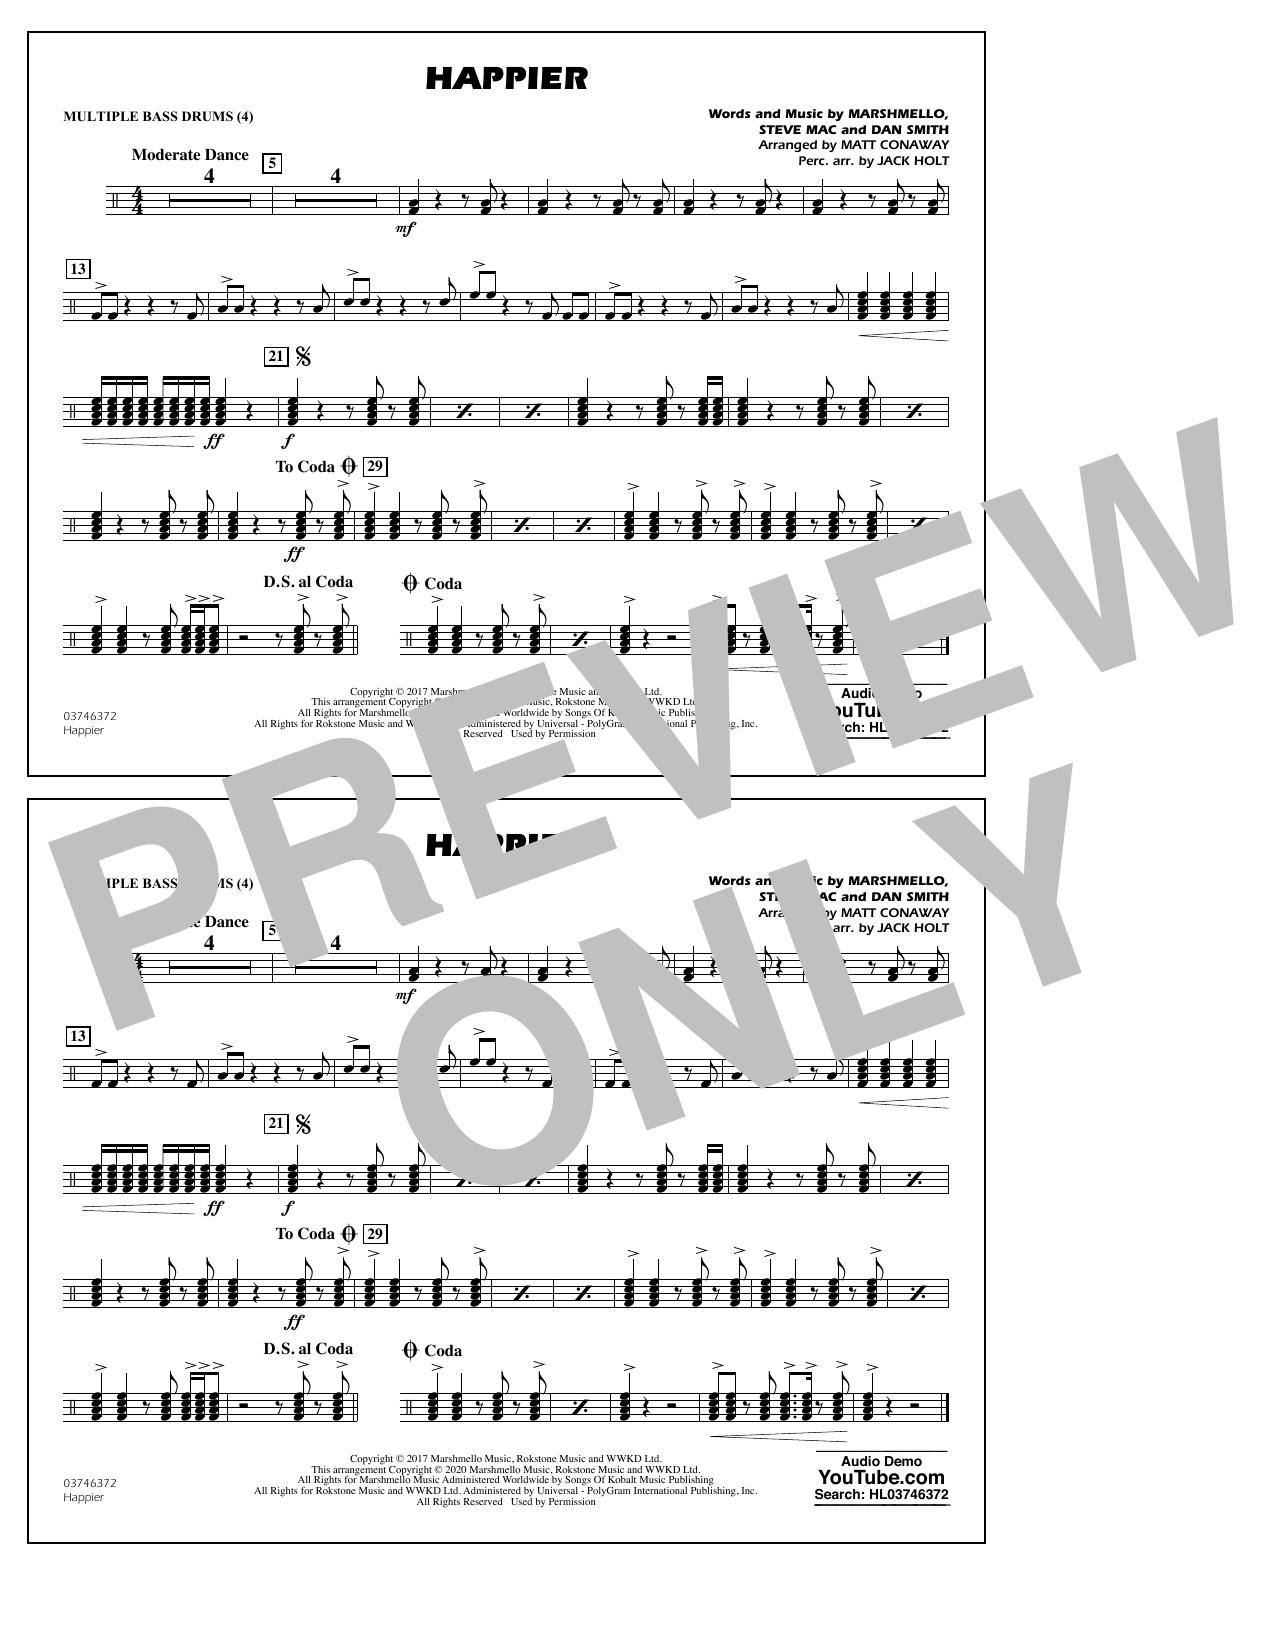 Happier (arr. Matt Conaway and Jack Holt) - Multiple Bass Drums Sheet Music